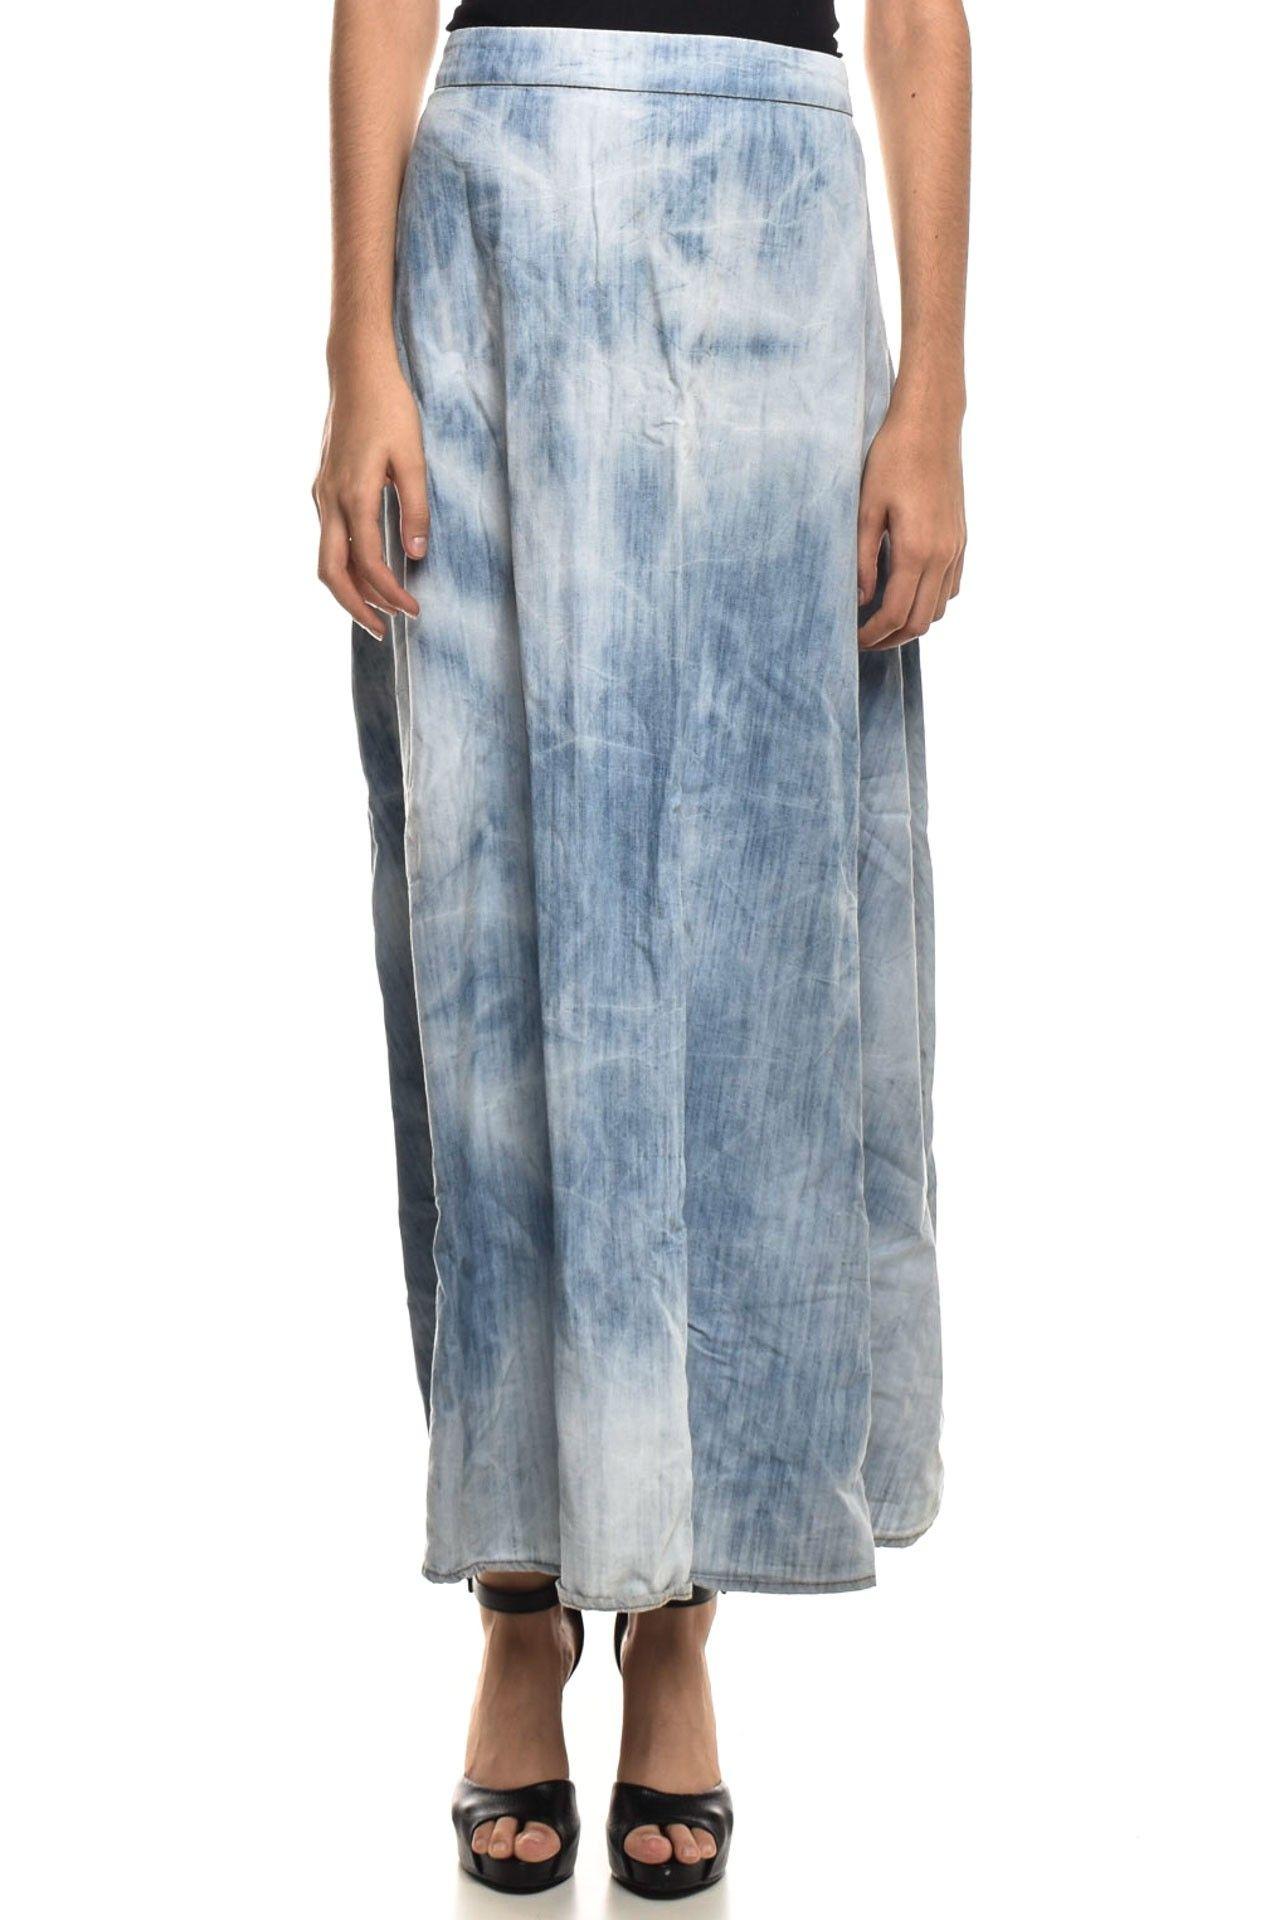 Farm - Saia Jeans Longa - Foto 1